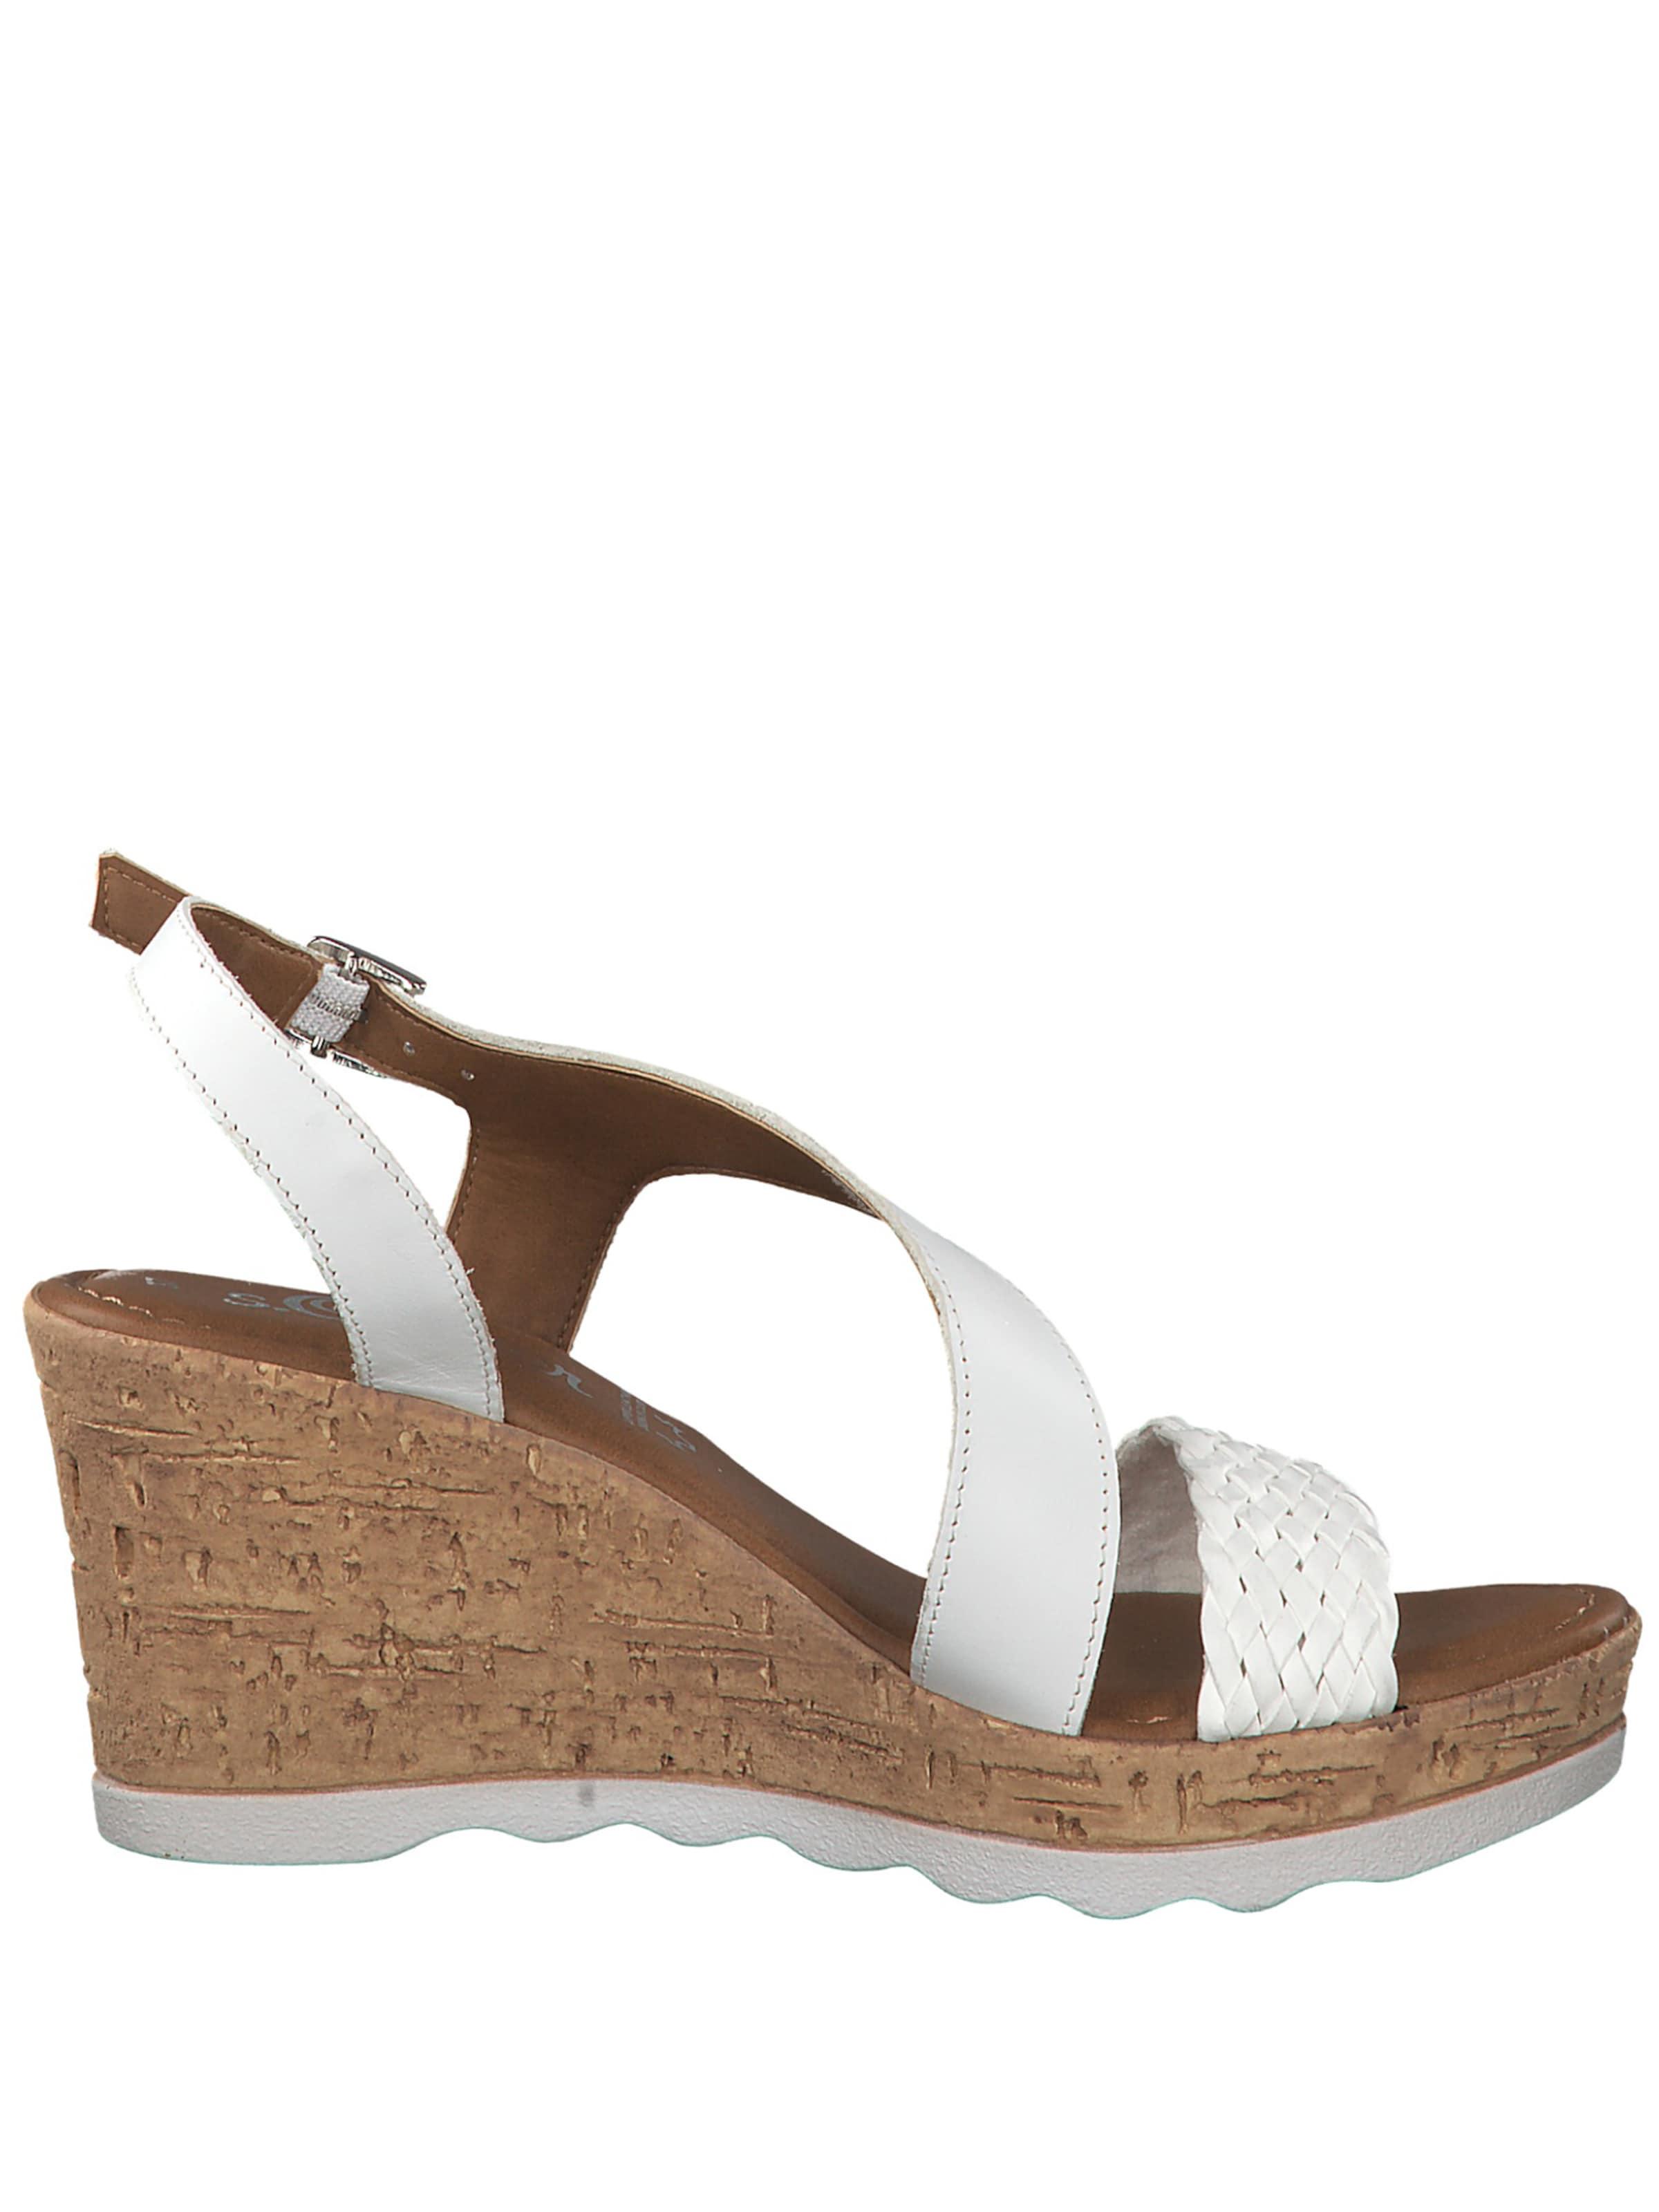 Sandale In S Sandale oliver Weiß S oliver 3jL5Aq4R